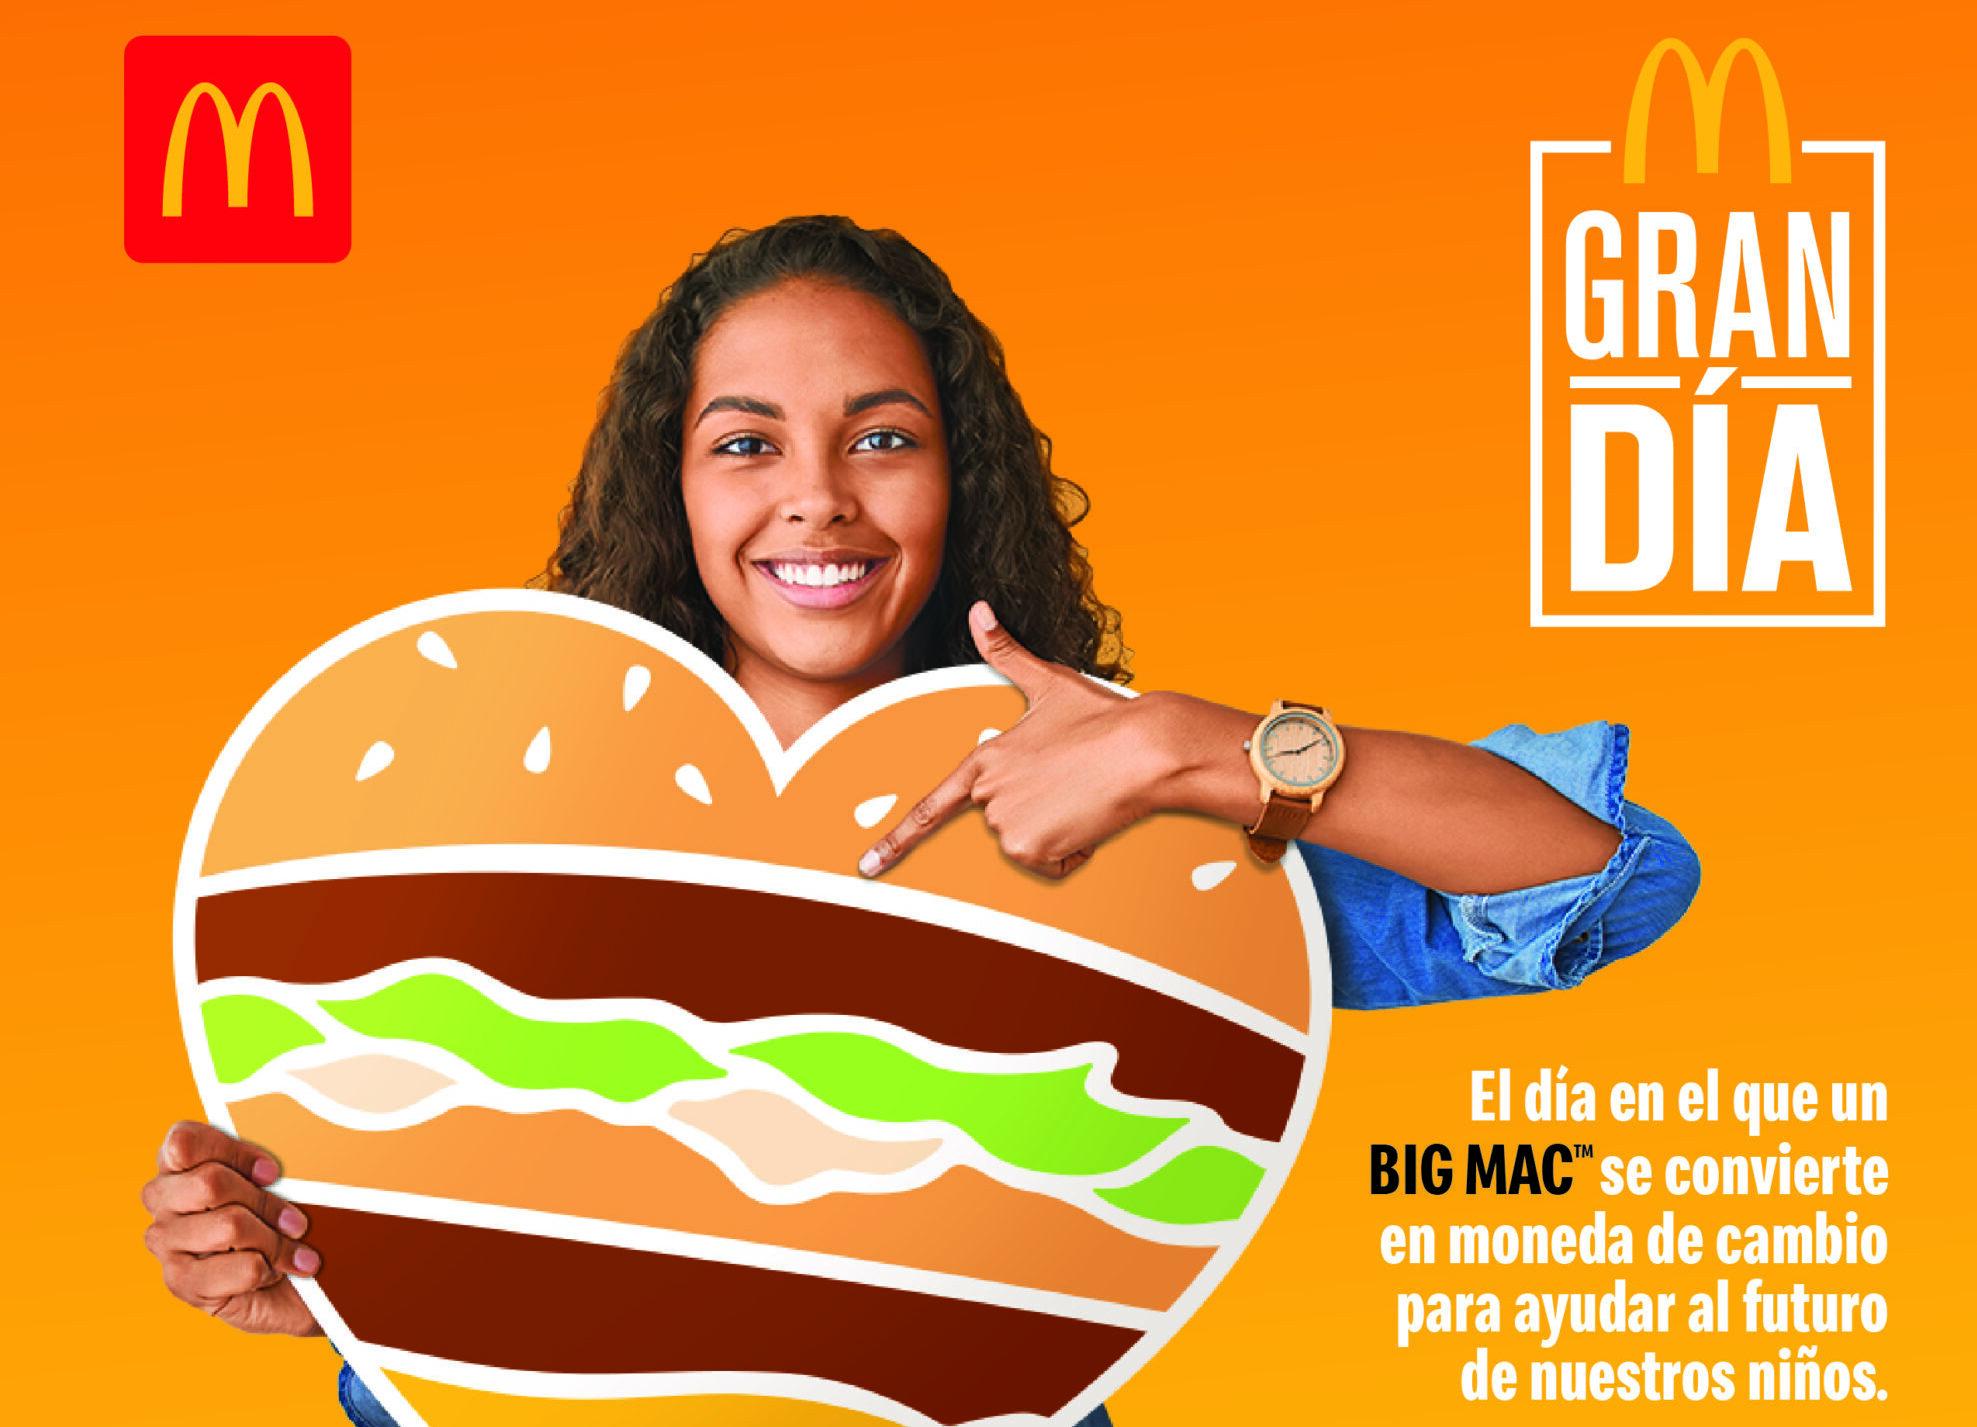 [Panamá] Regresa la jornada solidaria del Big Mac para apoyar el bienestar infantil y la formación de jóvenes